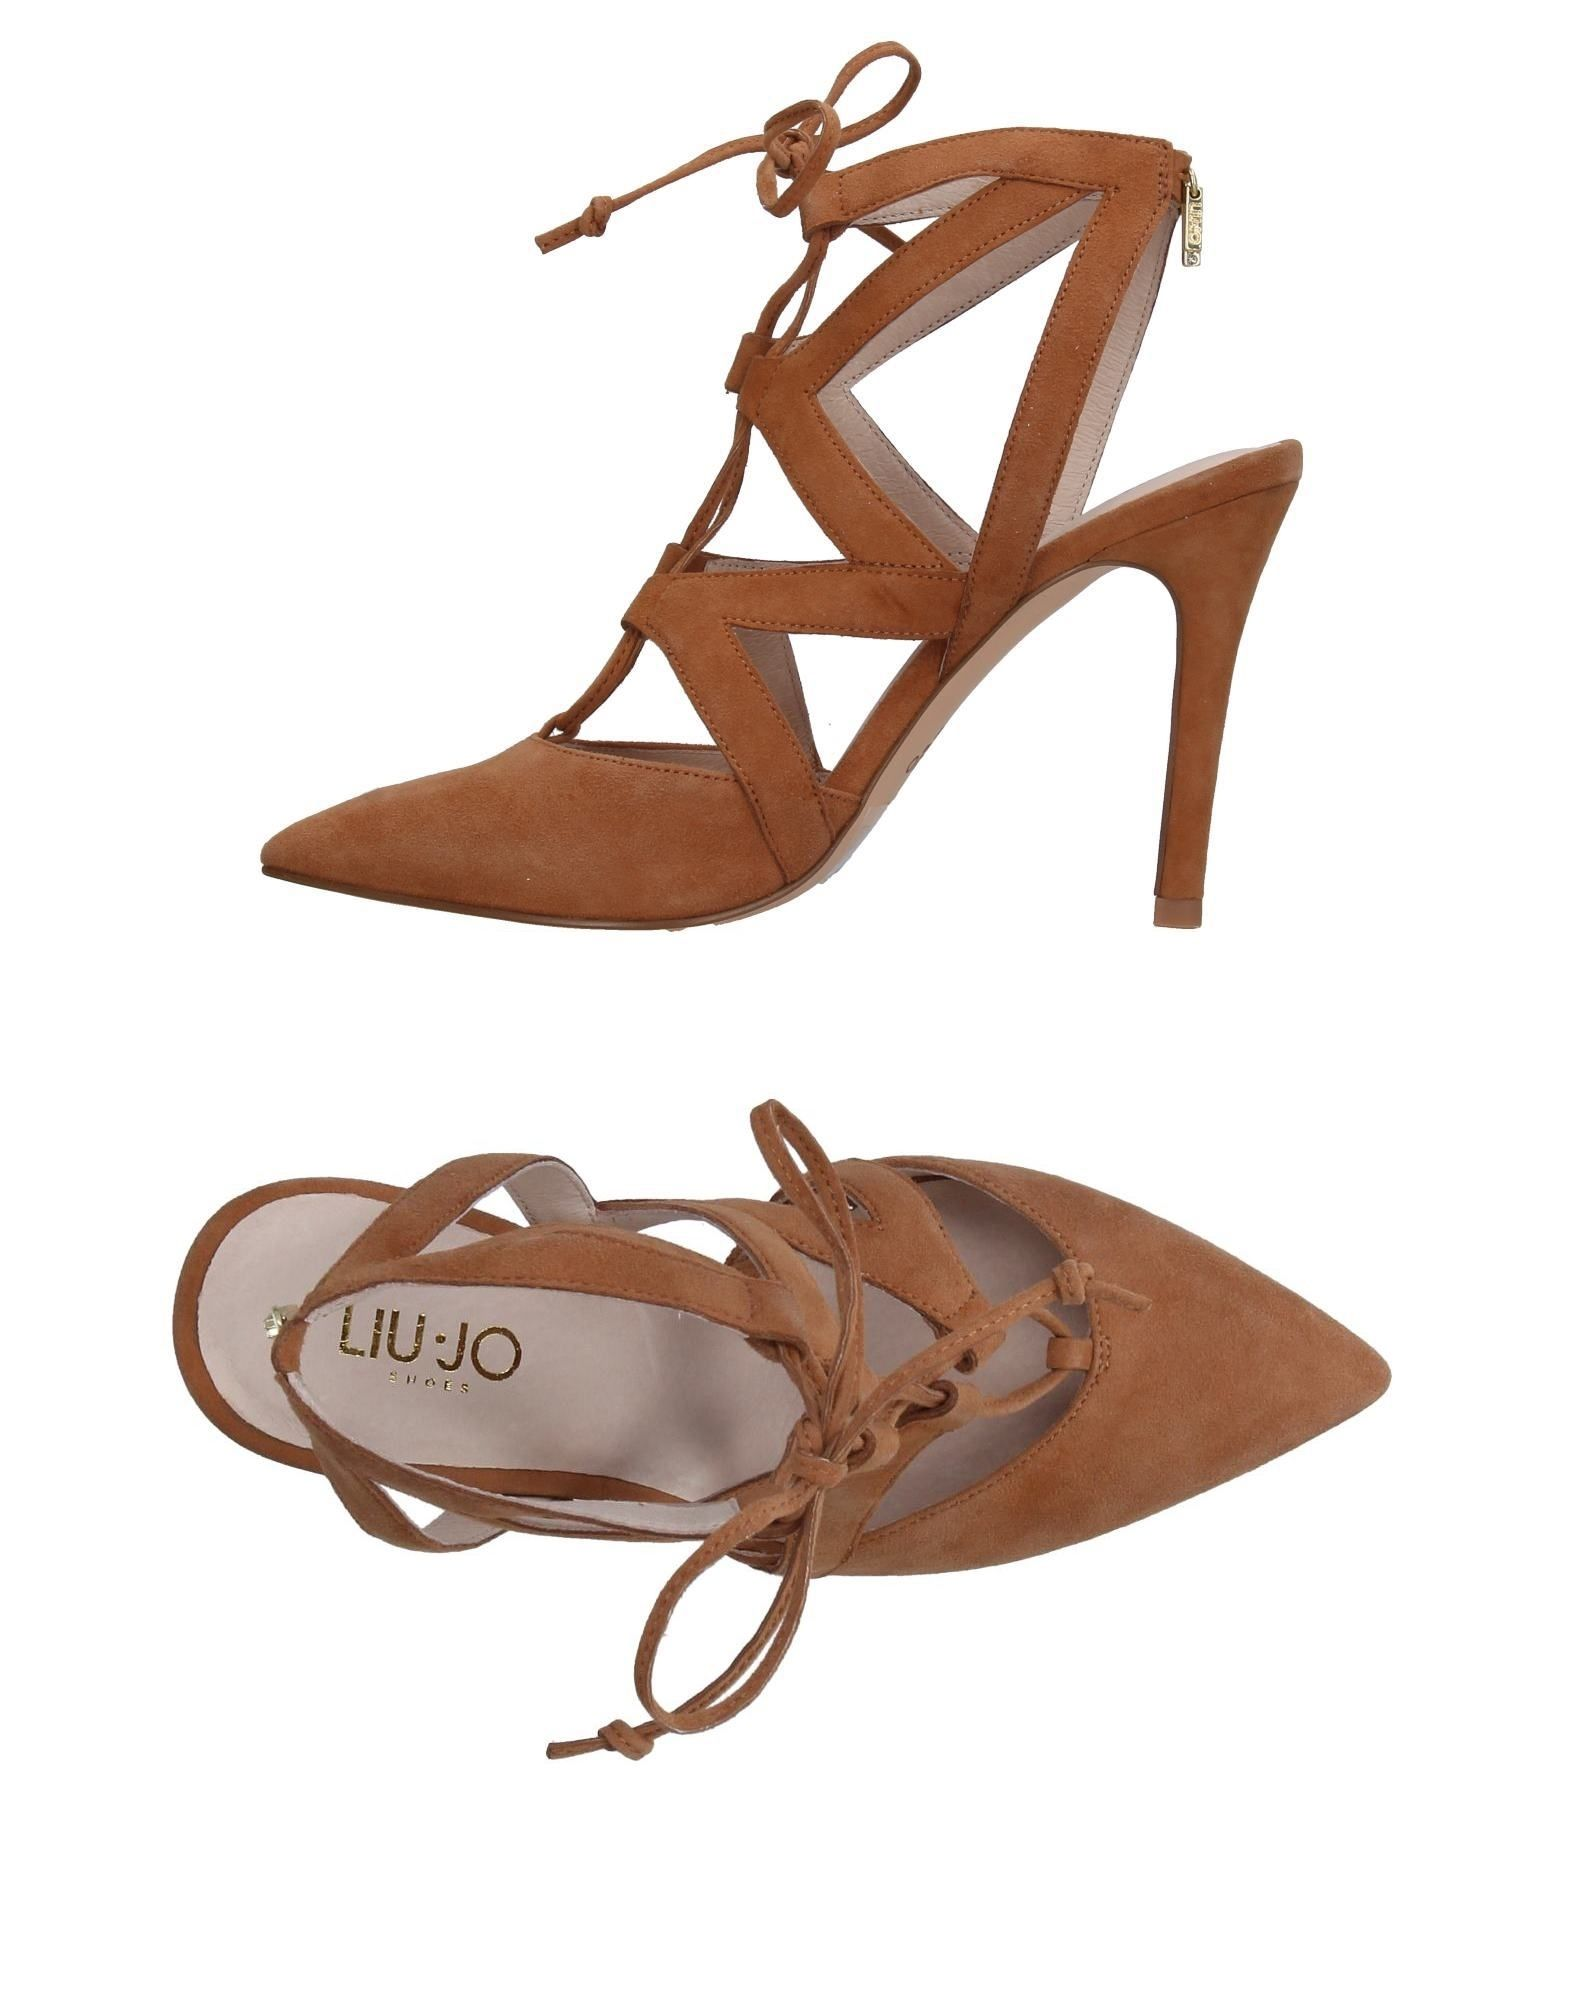 Liu •Jo Shoes Sandalen Damen  11362489JS Gute Qualität beliebte Schuhe